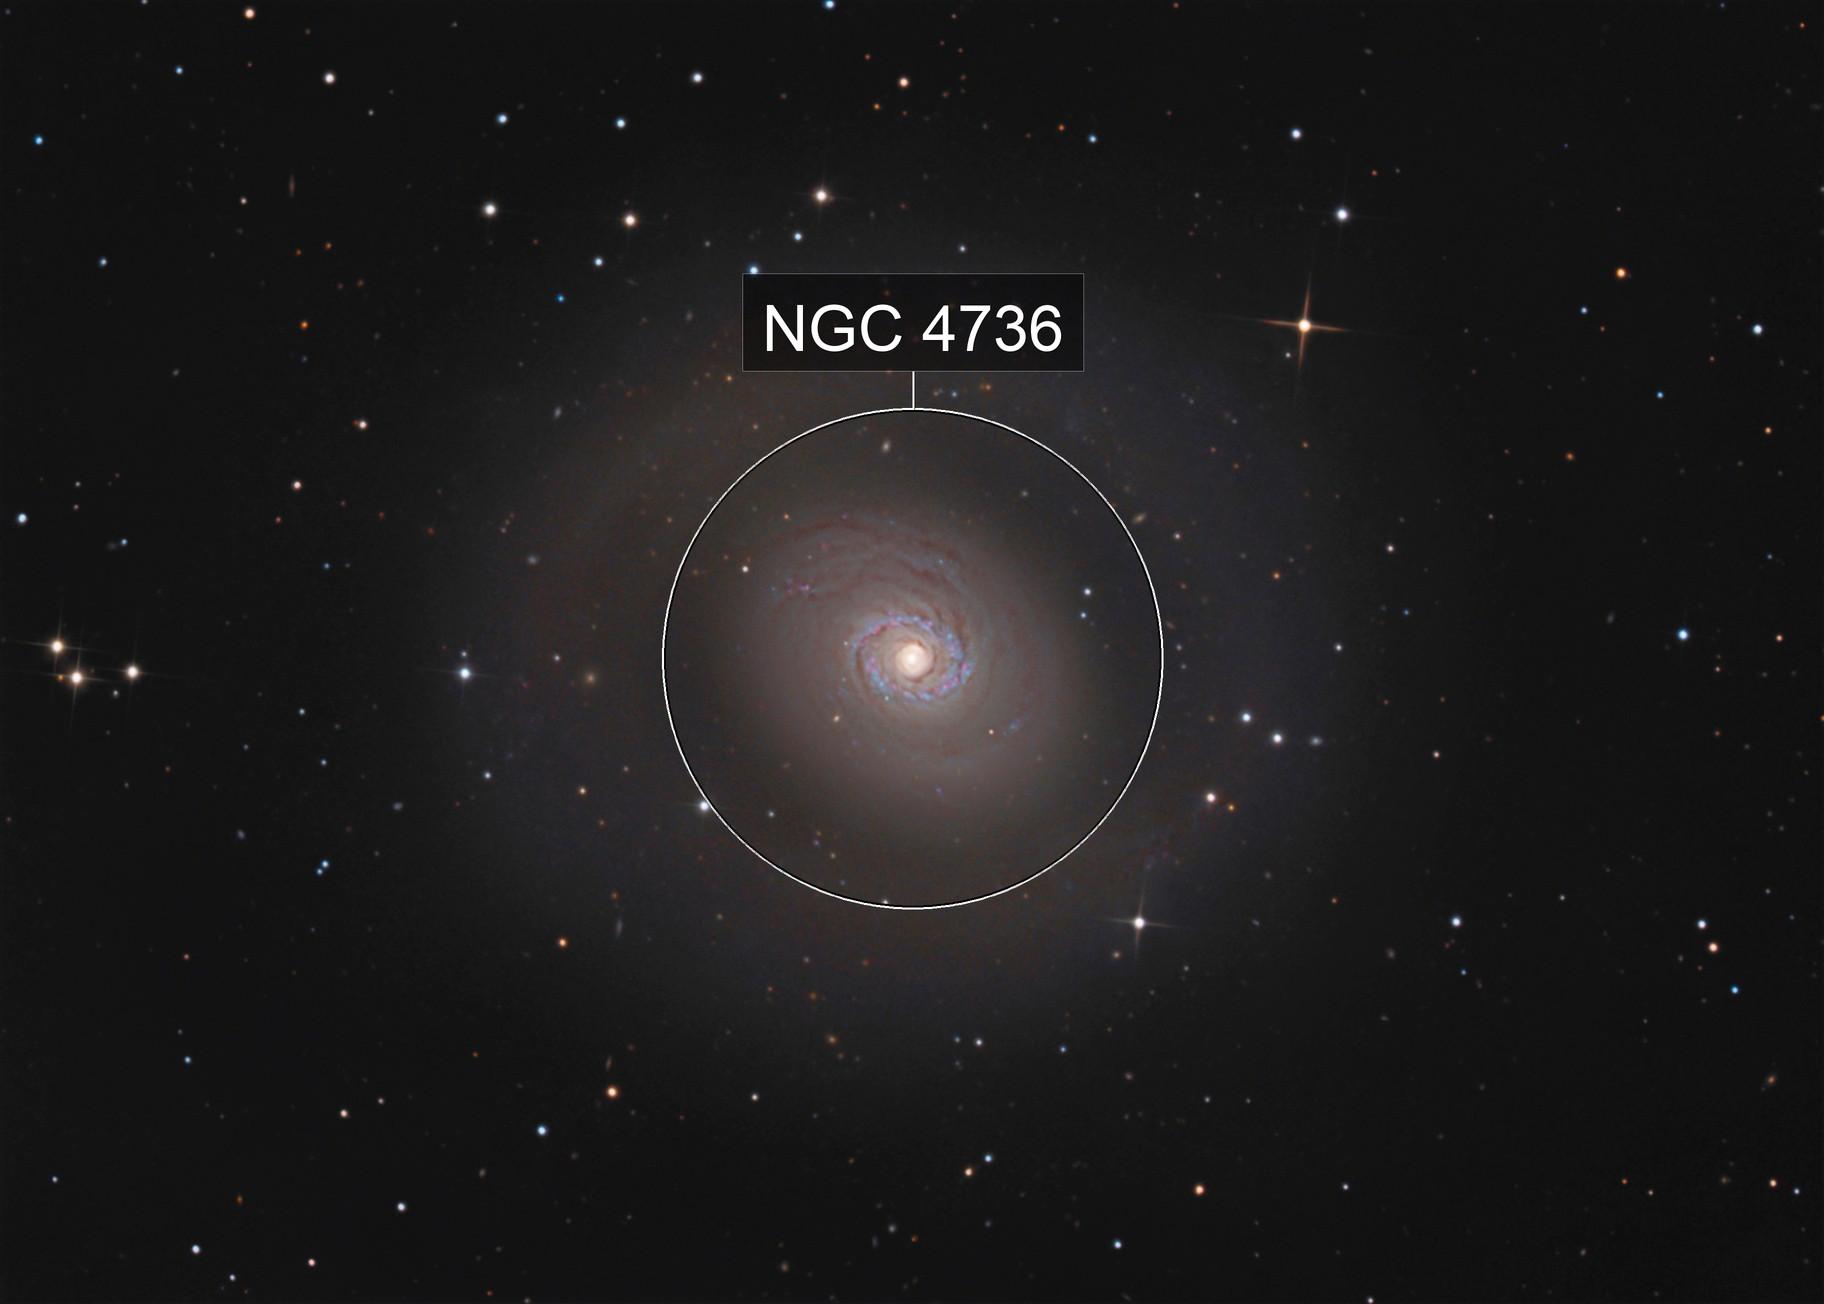 M 94 - ASI 294 MC Pro - Good seeing.